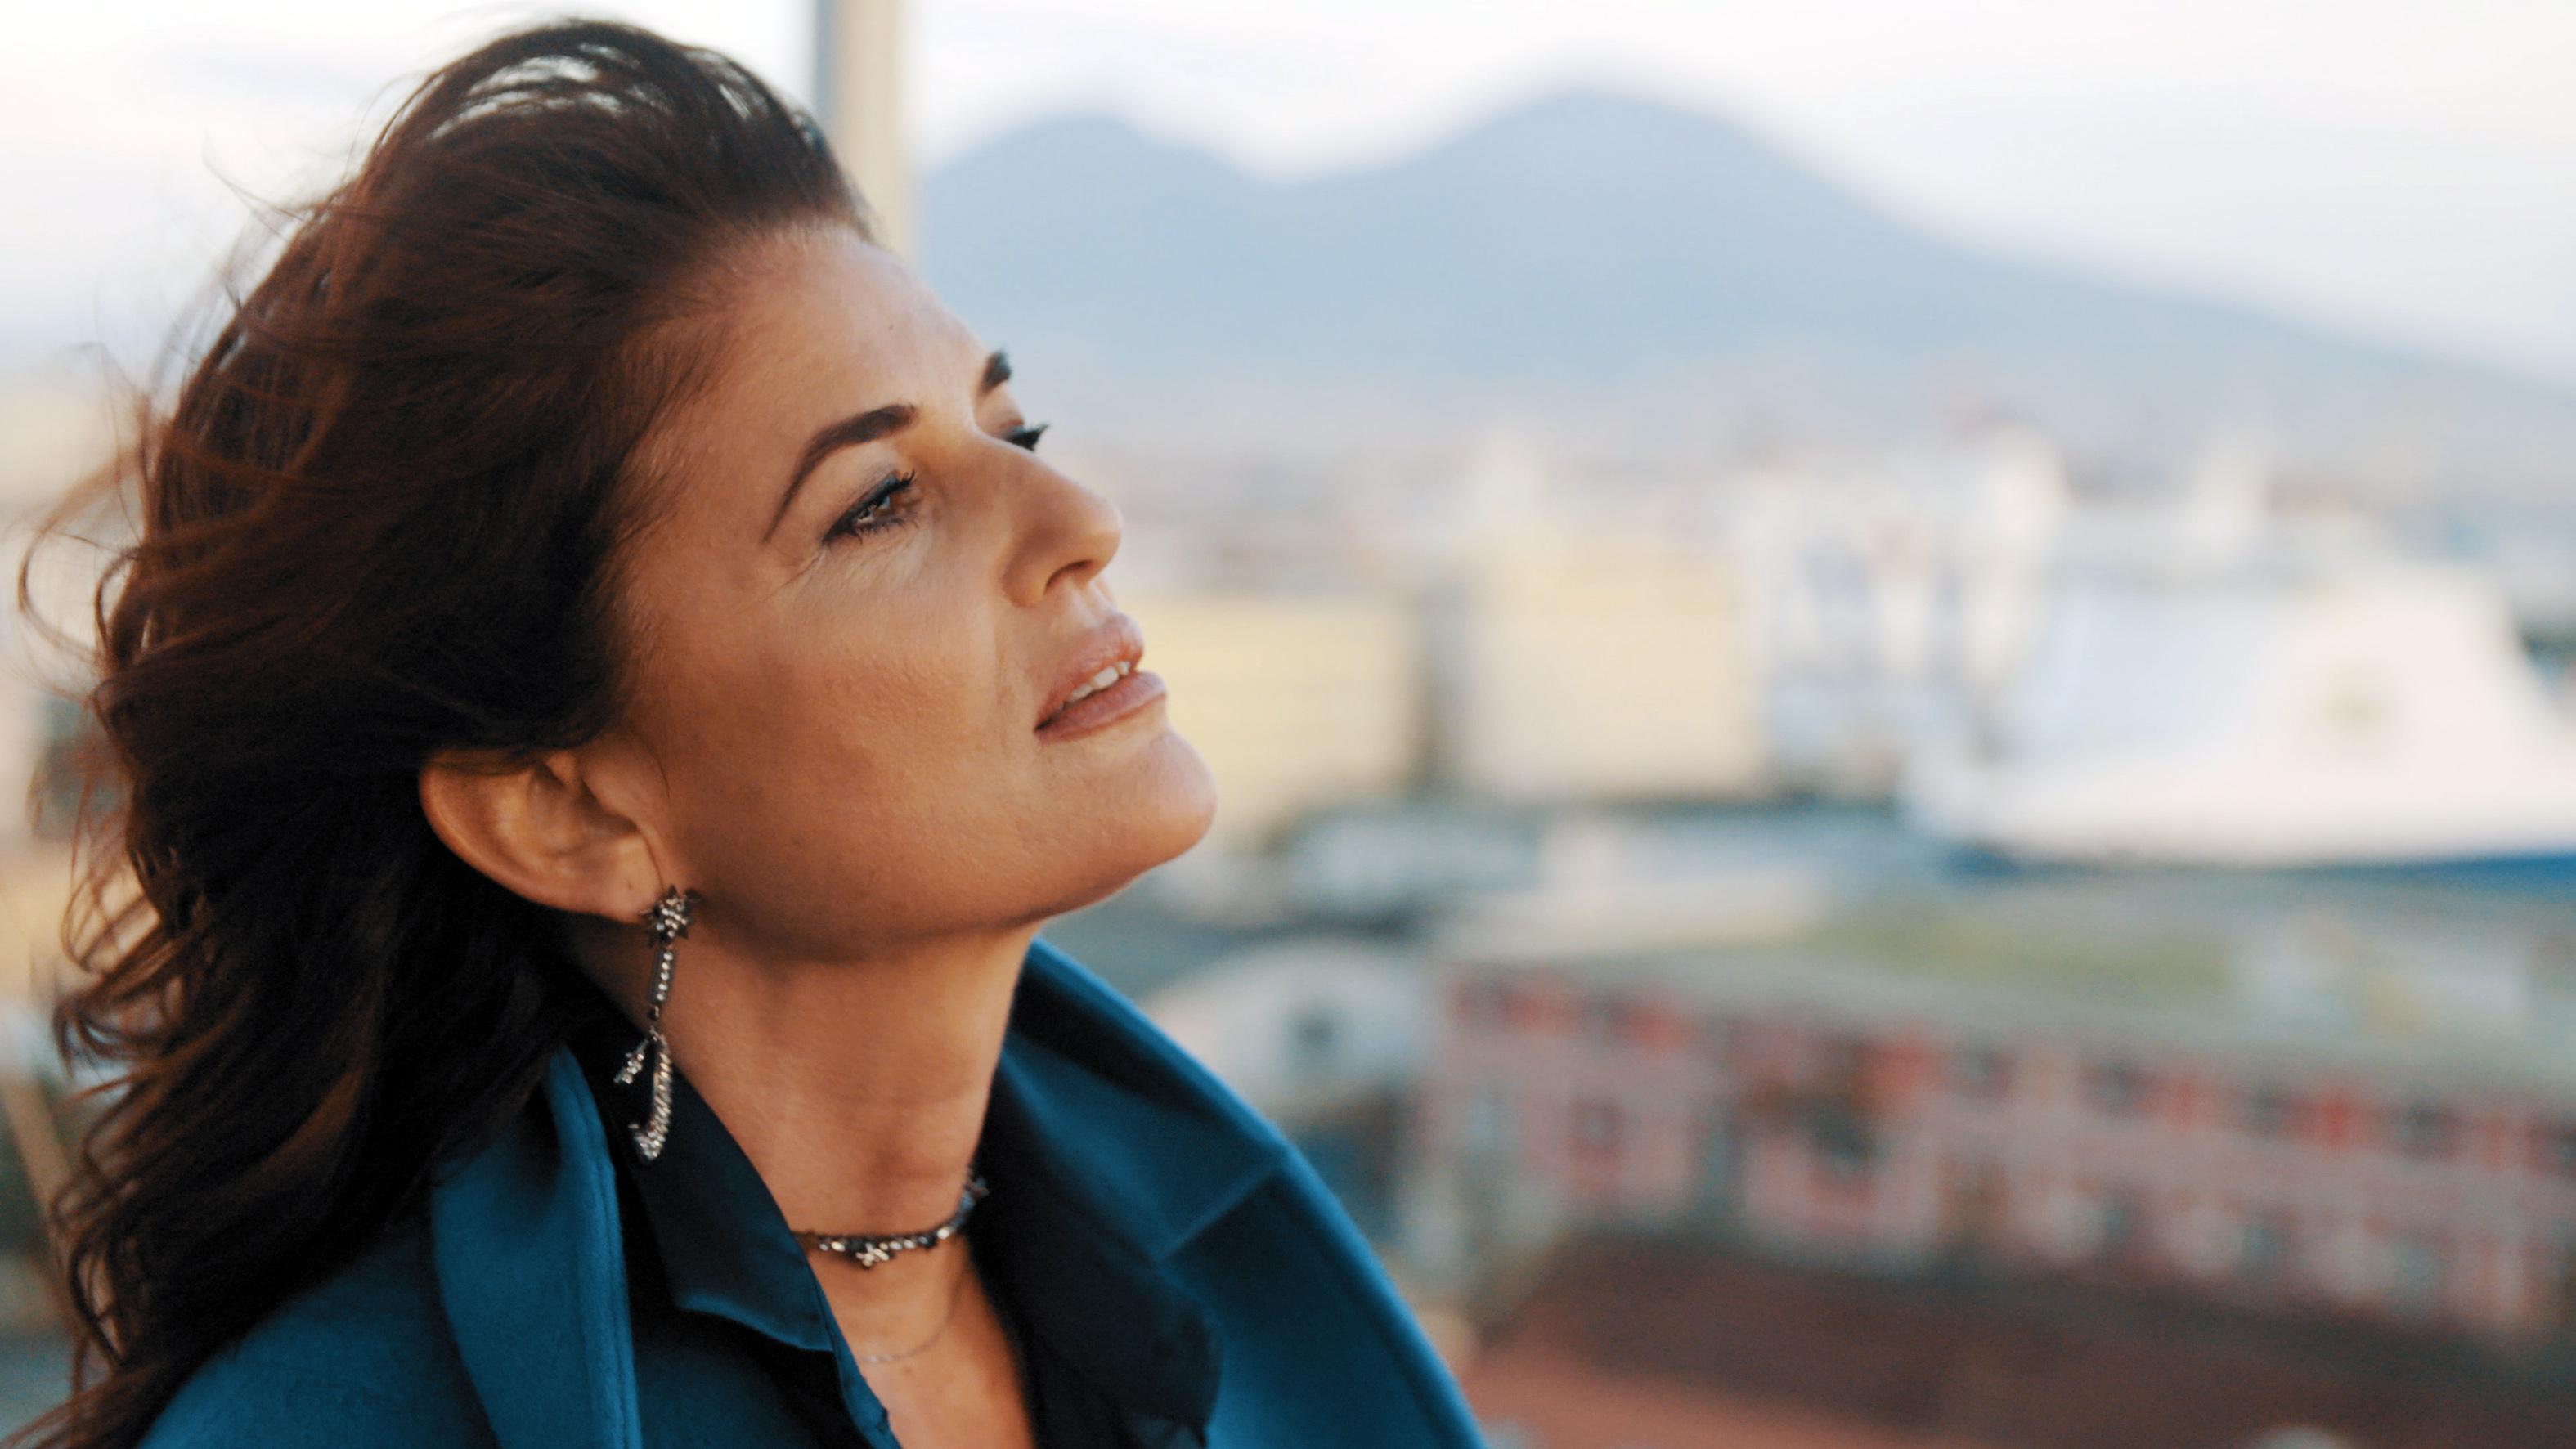 Il nuovo singolo di Monica Sarnelli: Tu sì meglio 'e me